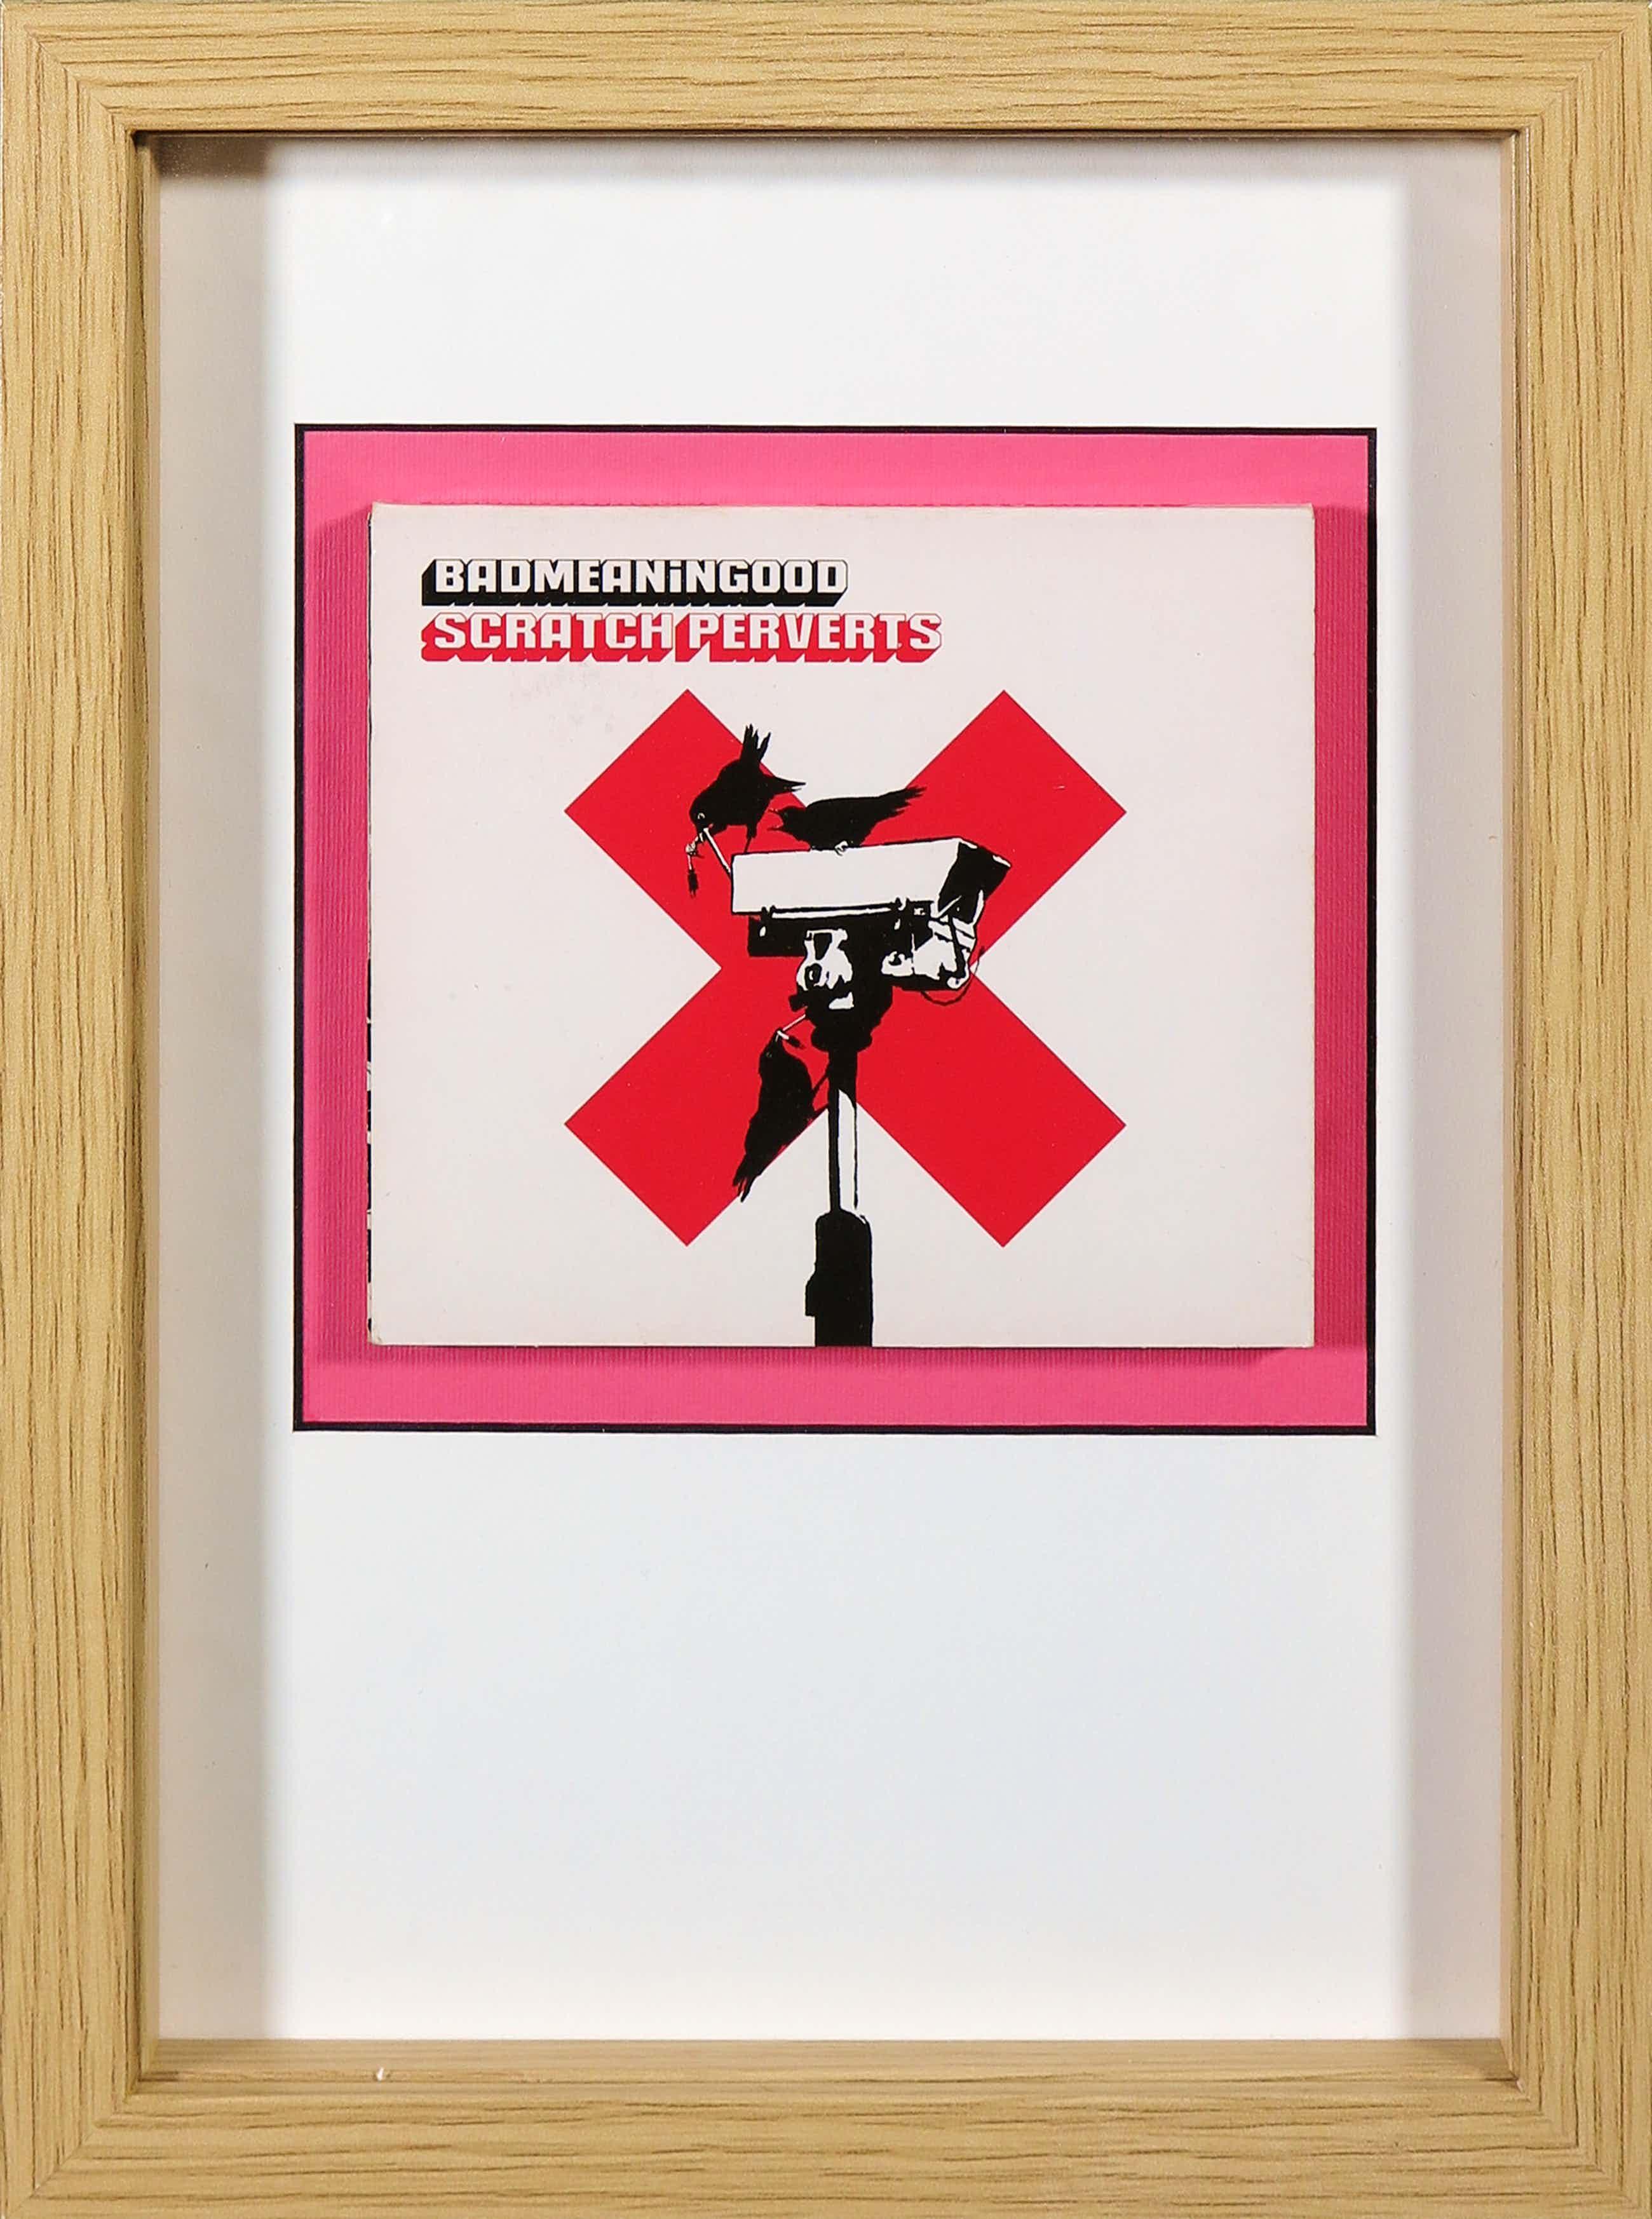 Banksy - Badmeaninggood vol. 4 door Scratch Perverts (CD) kopen? Bied vanaf 52!